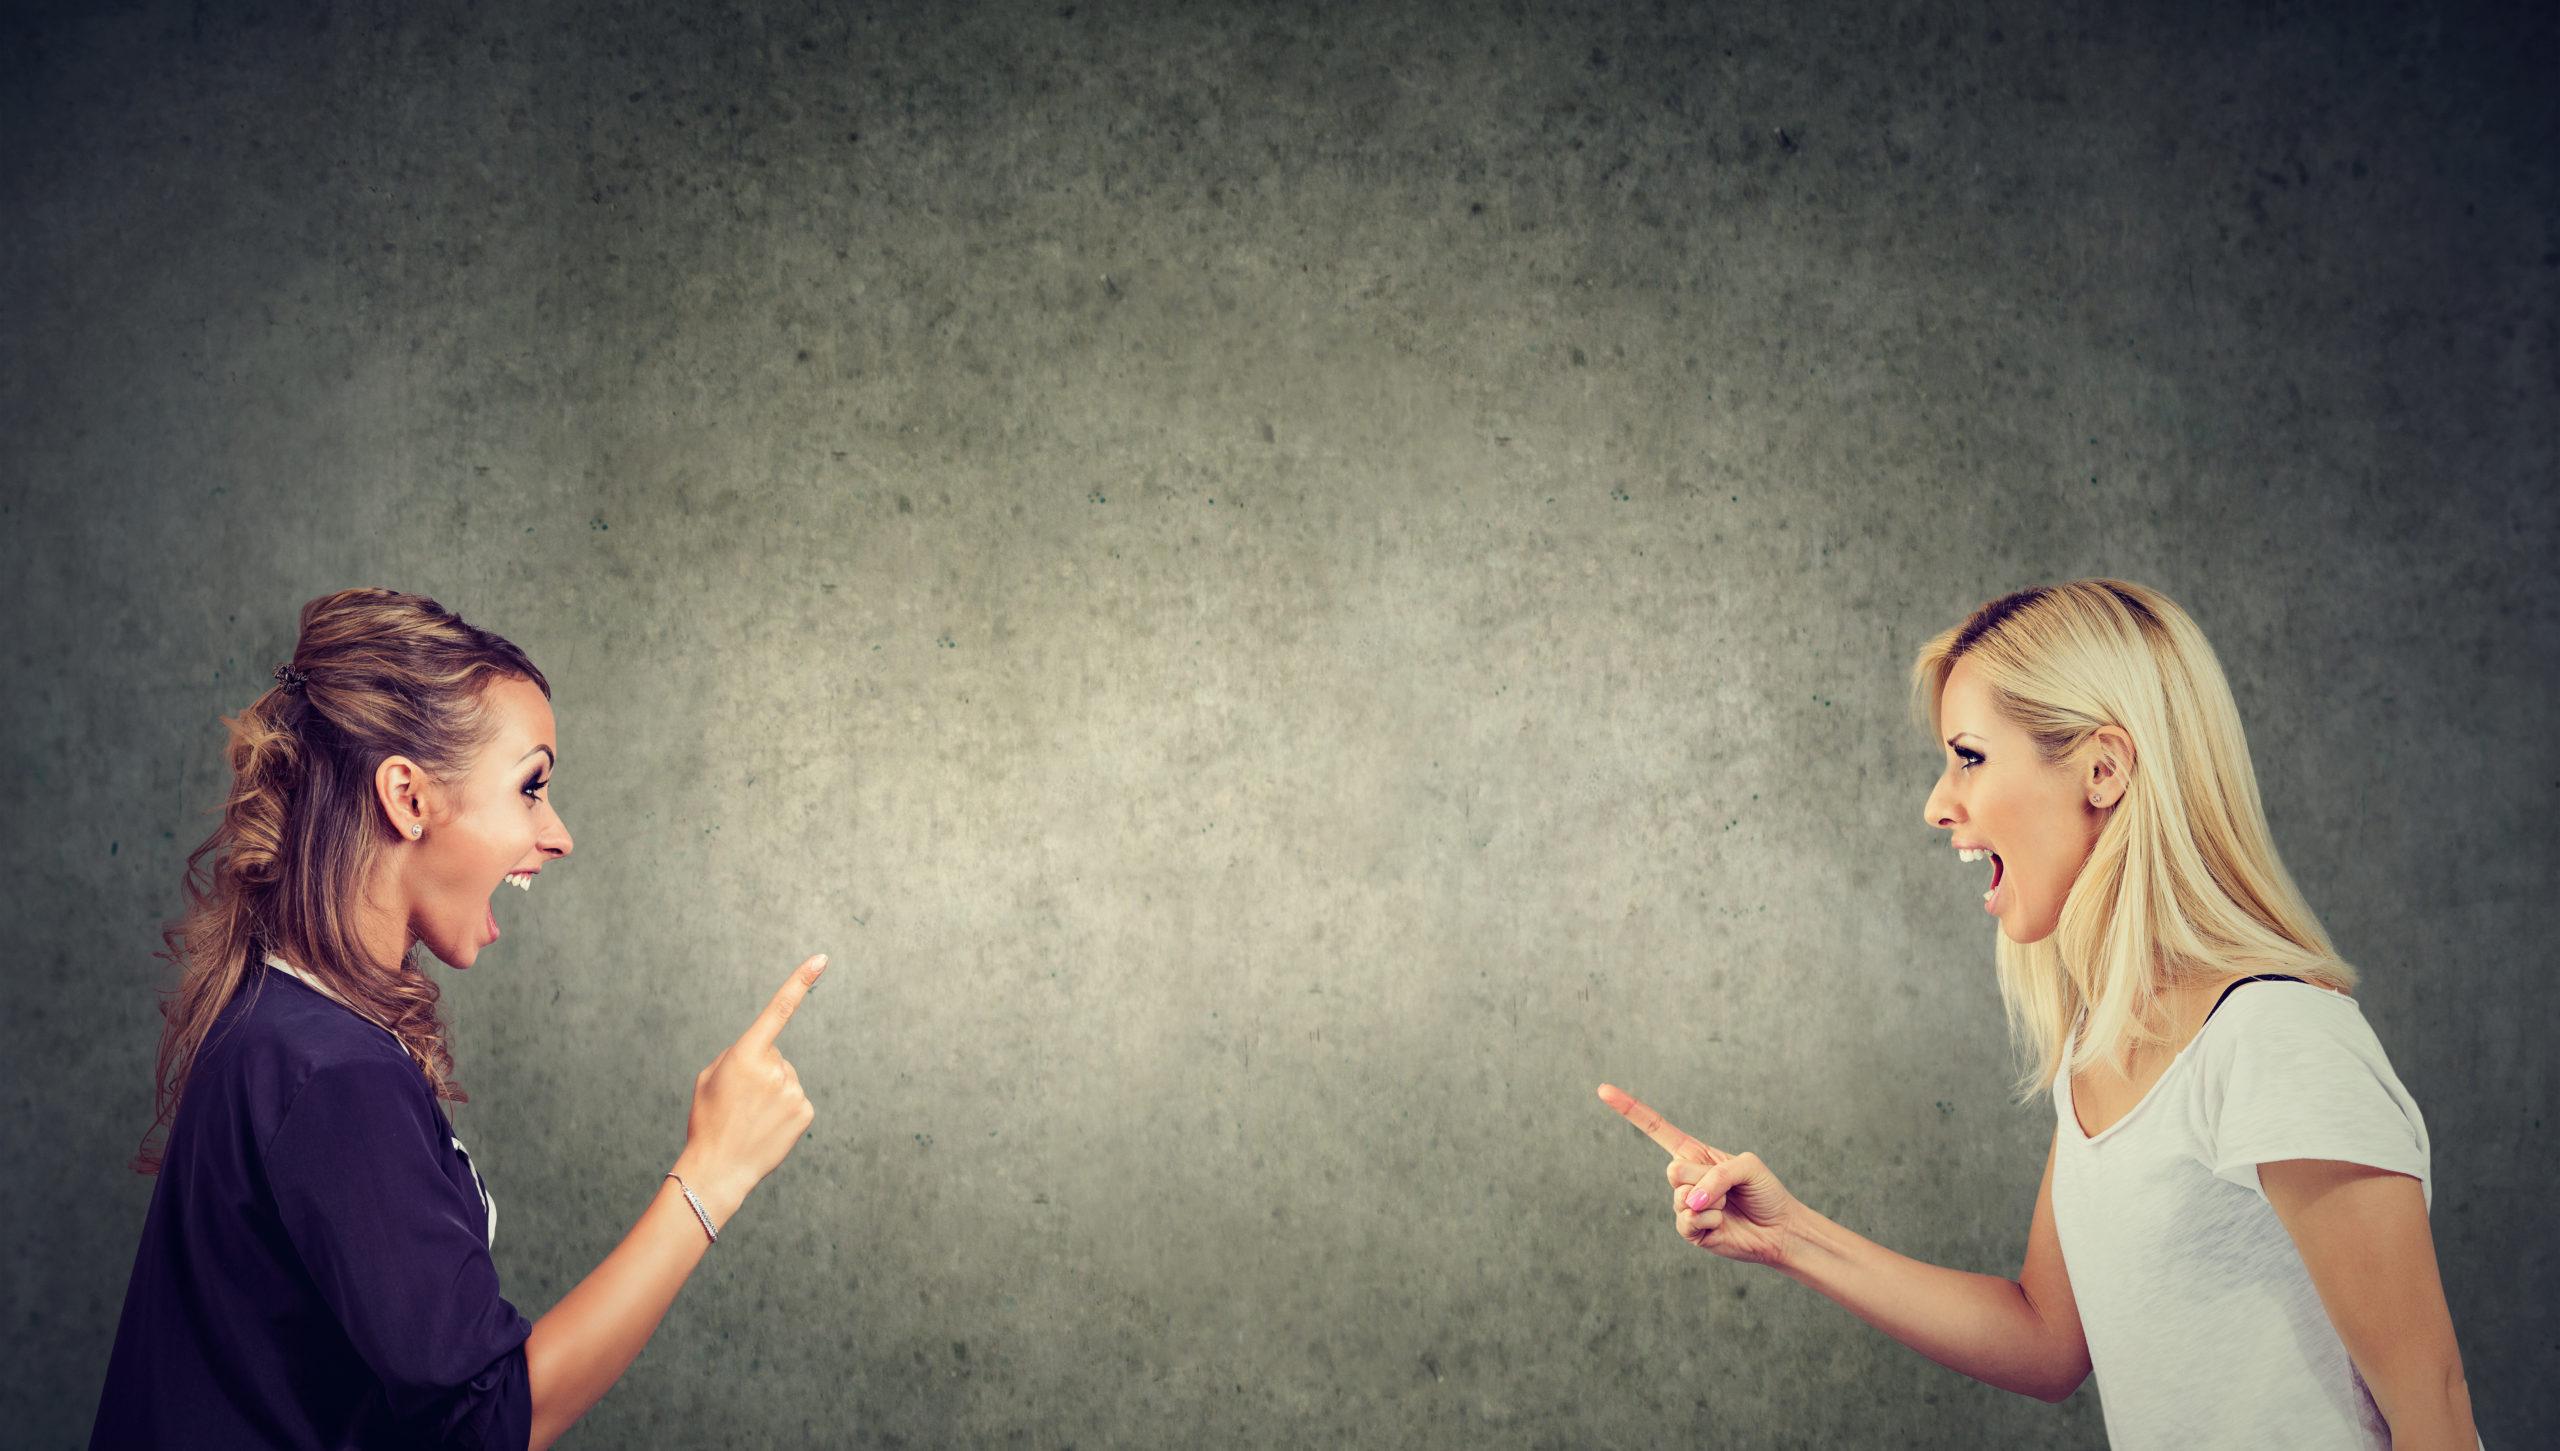 Nachbarschaftsstreit: zwei Frauen stehen sich gegenüber, schreien sich an und zeigen mit einem Finger jeweils auf den anderen.